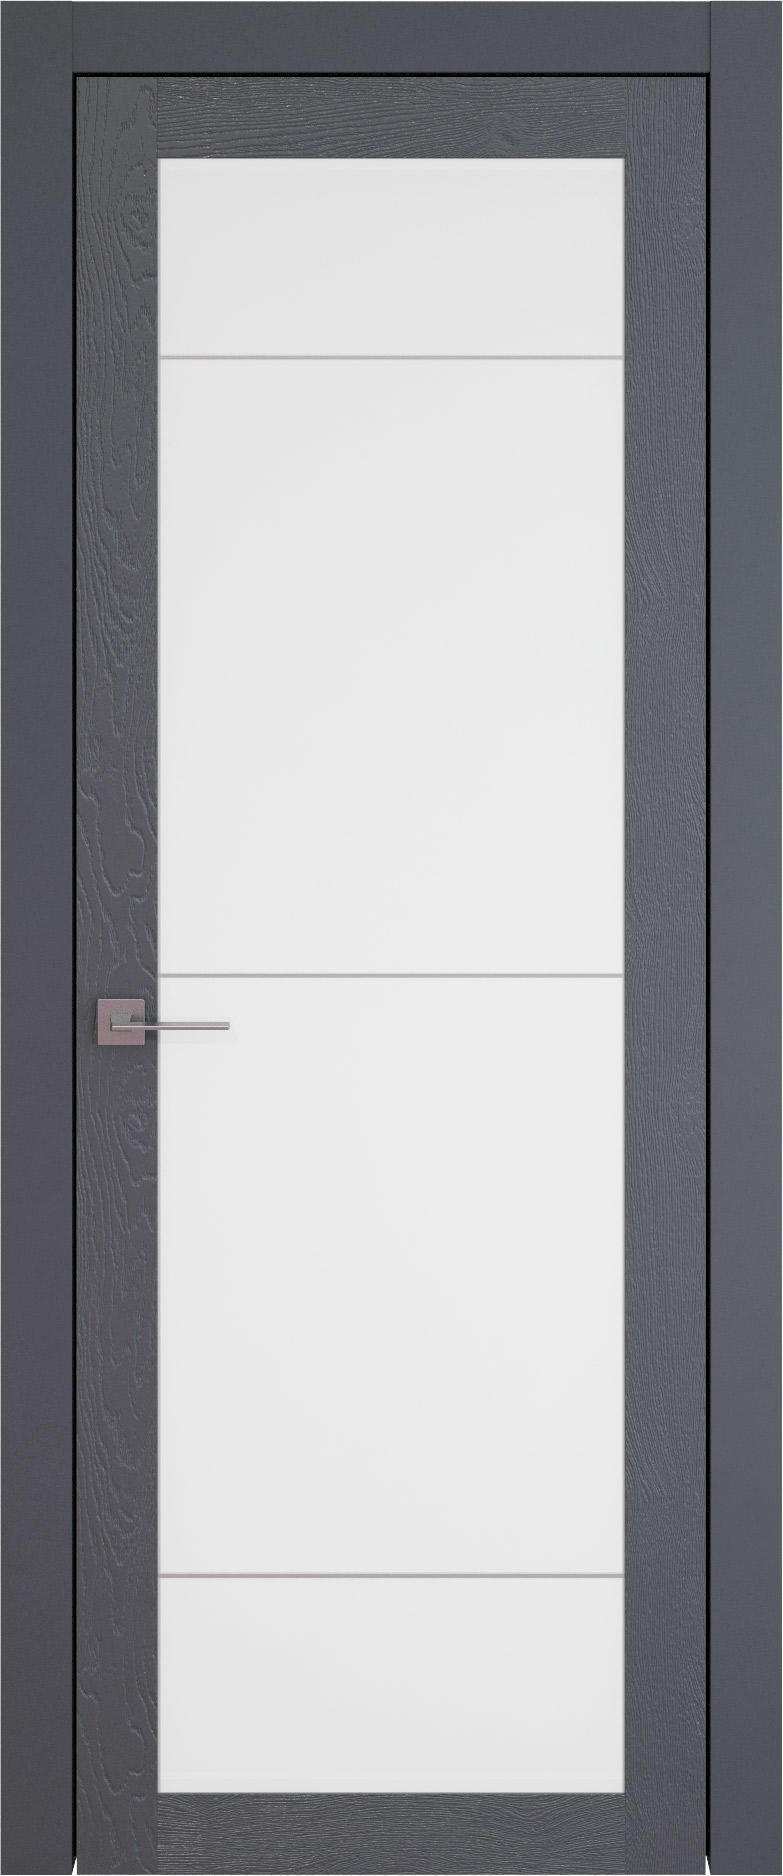 Tivoli З-3 цвет - Графитово-серая эмаль по шпону (RAL 7024) Со стеклом (ДО)